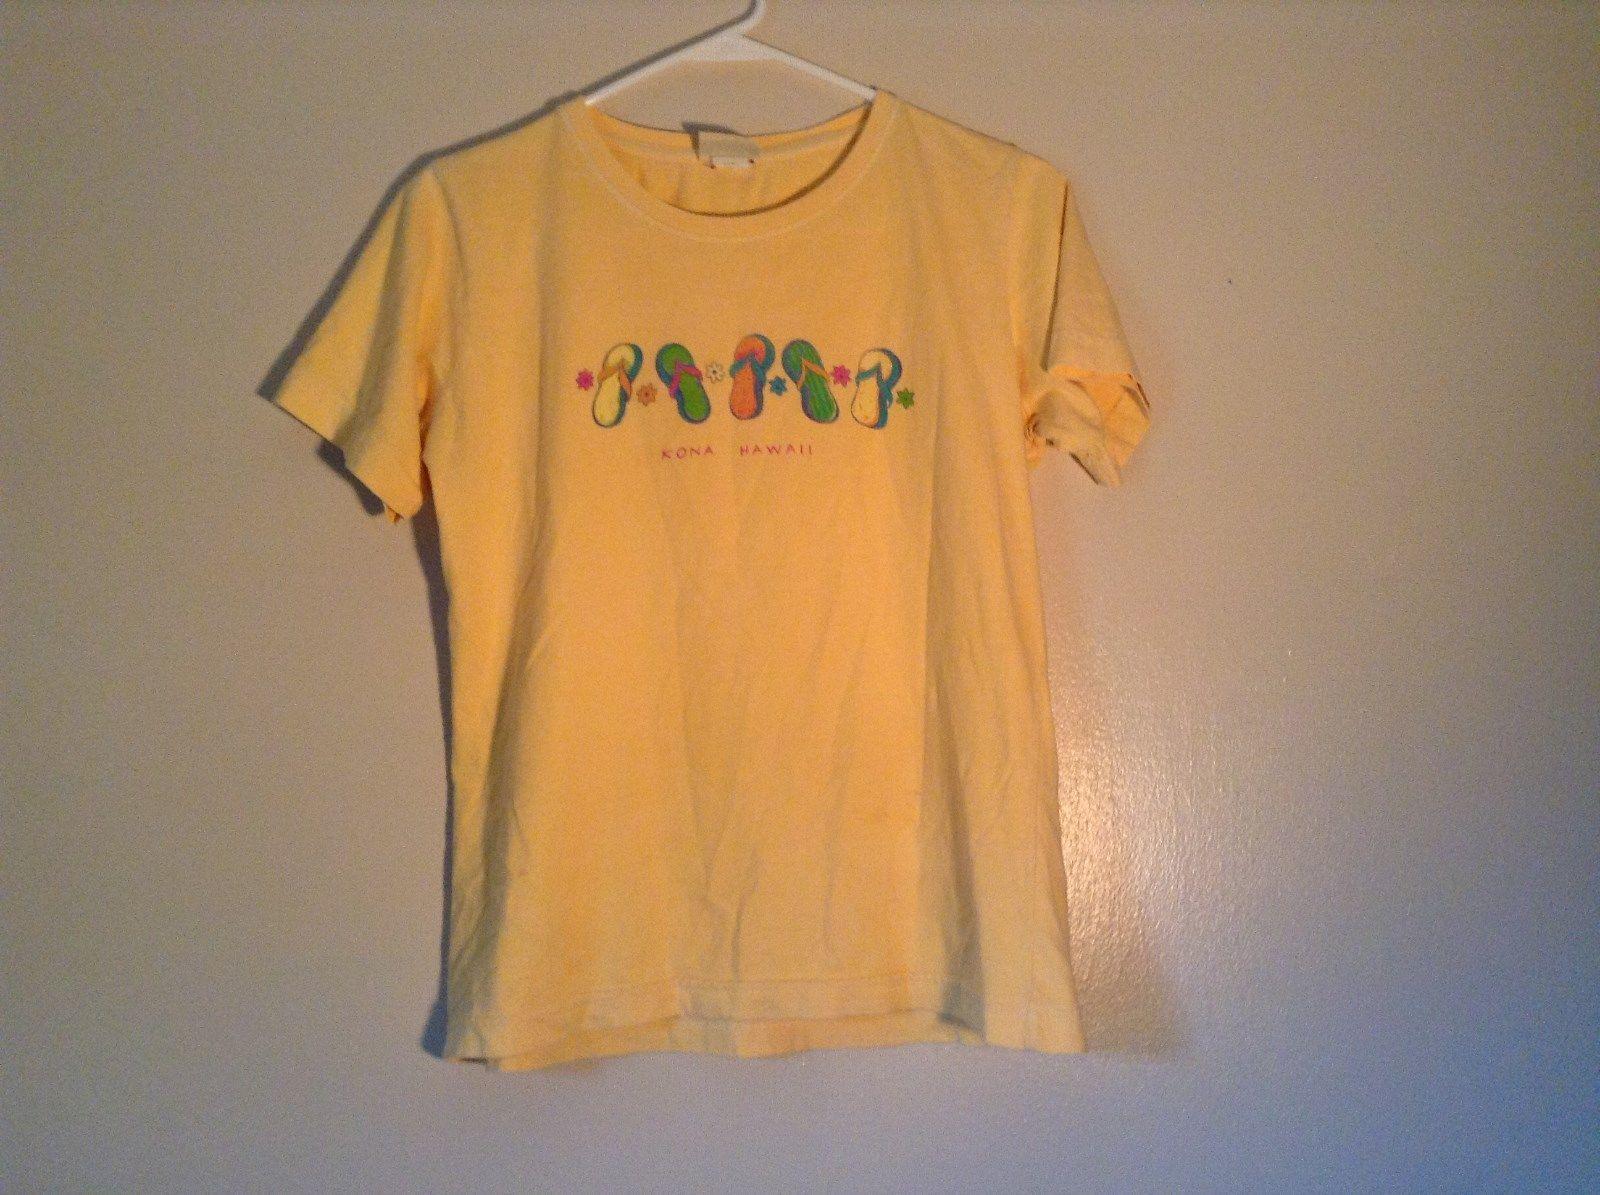 ICantoo Casual Wear Yellow Short Sleeve T Shirt Kona Hawaii Flip Flops Size S